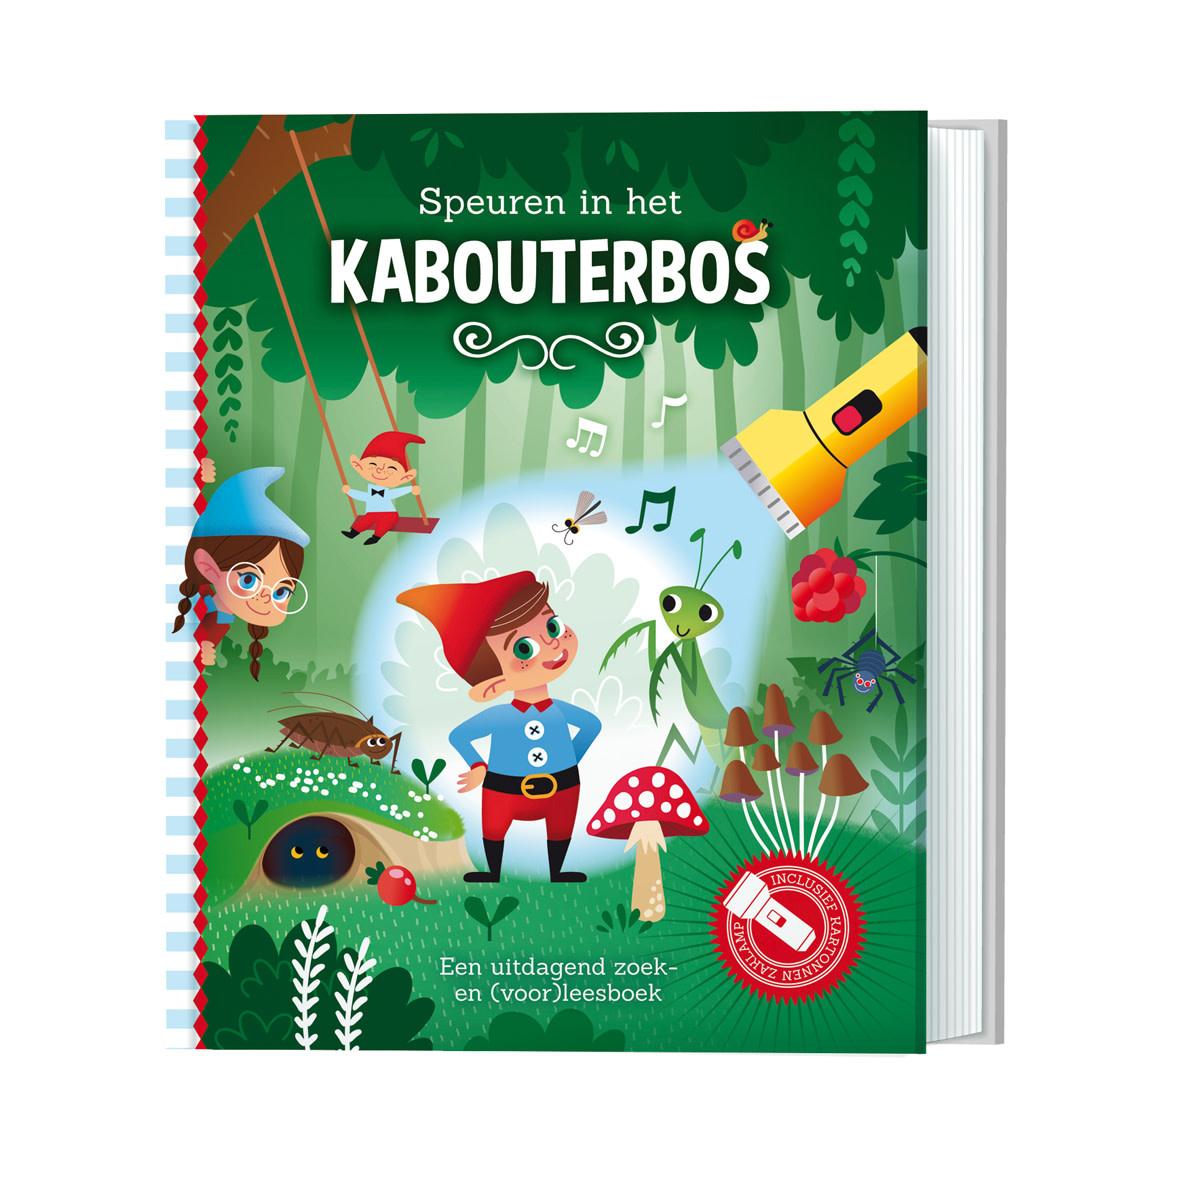 Zaklampboek - speuren in het kabouterbos-1